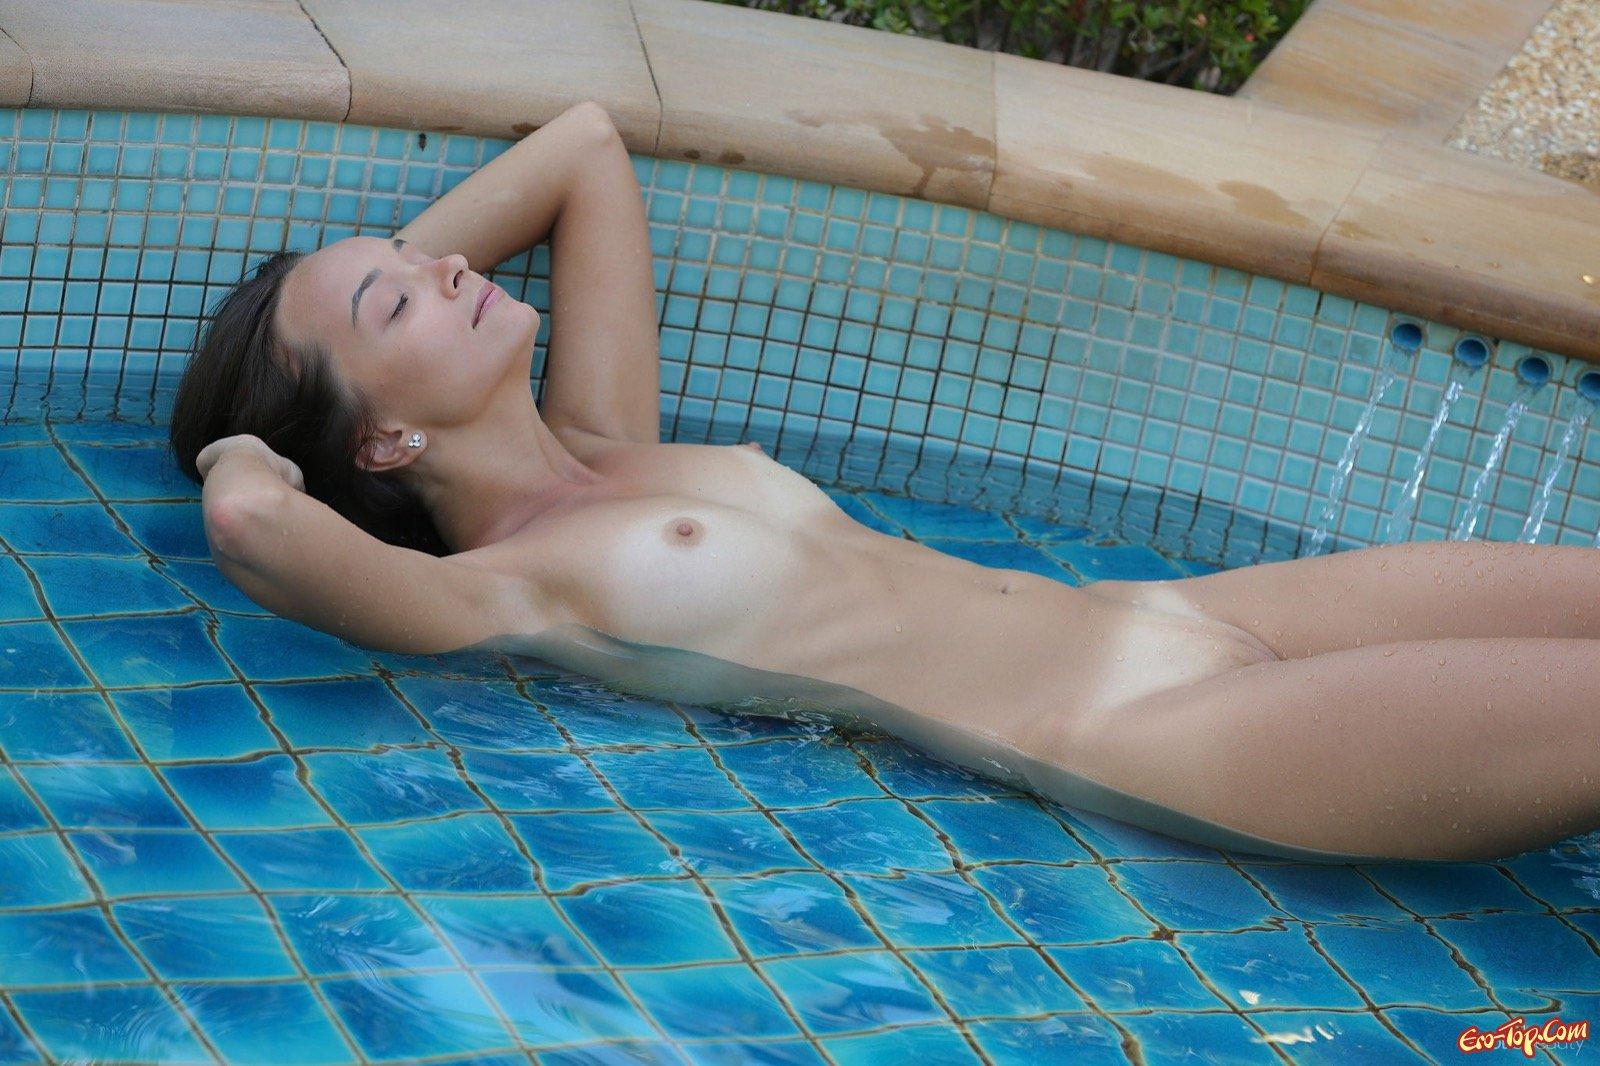 Шлюха балдеет и снимается в маленьком бассейне